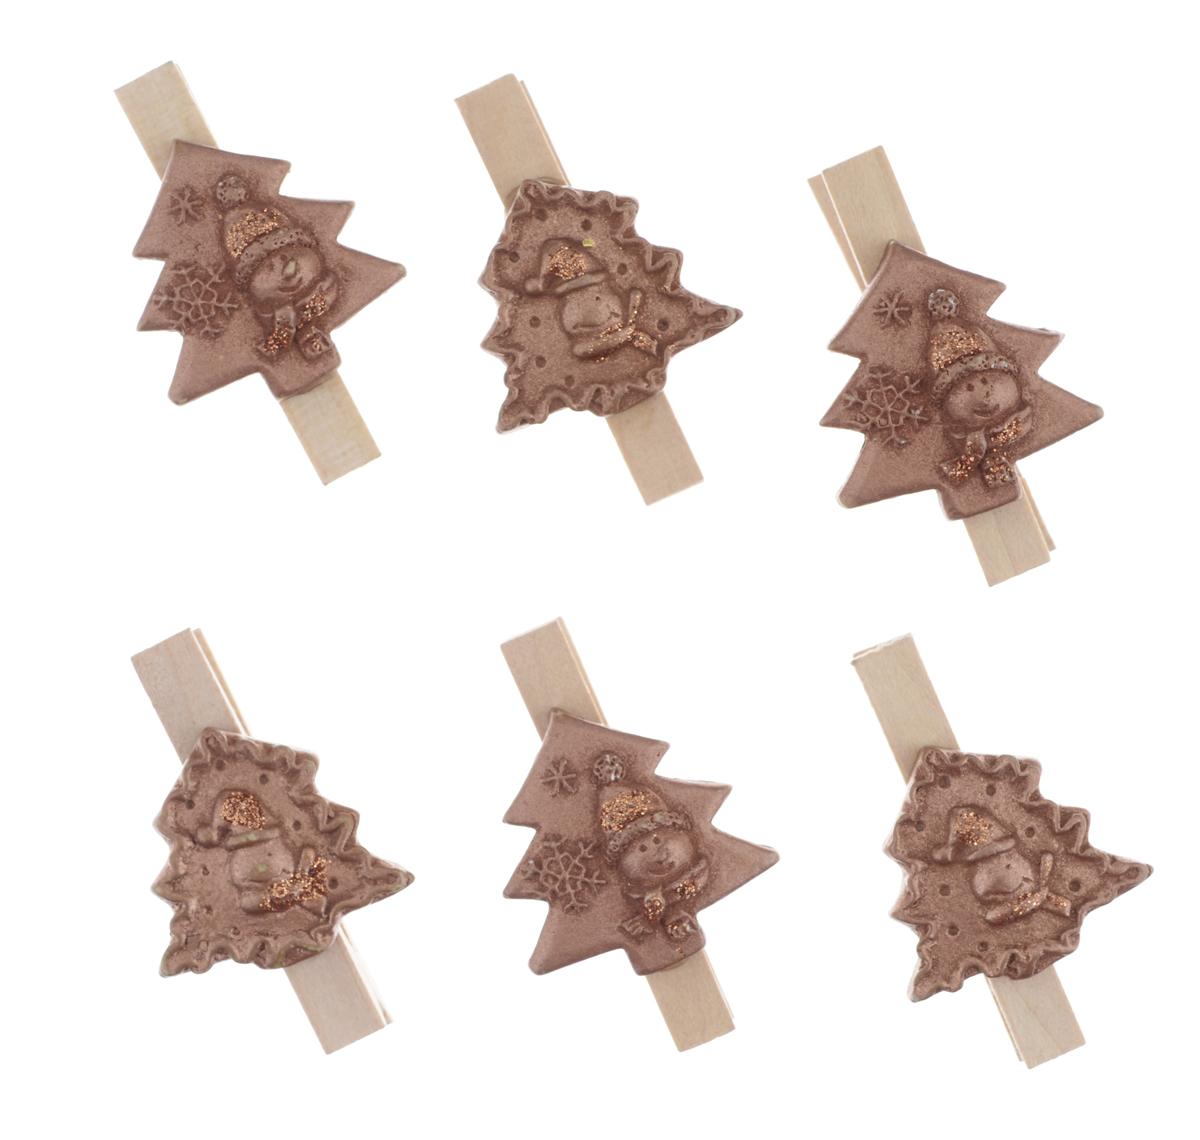 Декоративная прищепка Феникс-презент Елочки, 6 шт38654Набор Феникс-презент Елочки состоит из 6 декоративных украшений на прищепке, изготовленных из полирезина и дерева. Изделия станут прекрасным дополнением к оформлению вашего интерьера. Они используются для развешивания стикеров на веревке, маленьких игрушек, а оригинальность и веселые цвета прищепок будут радовать глаз и поднимут настроение.